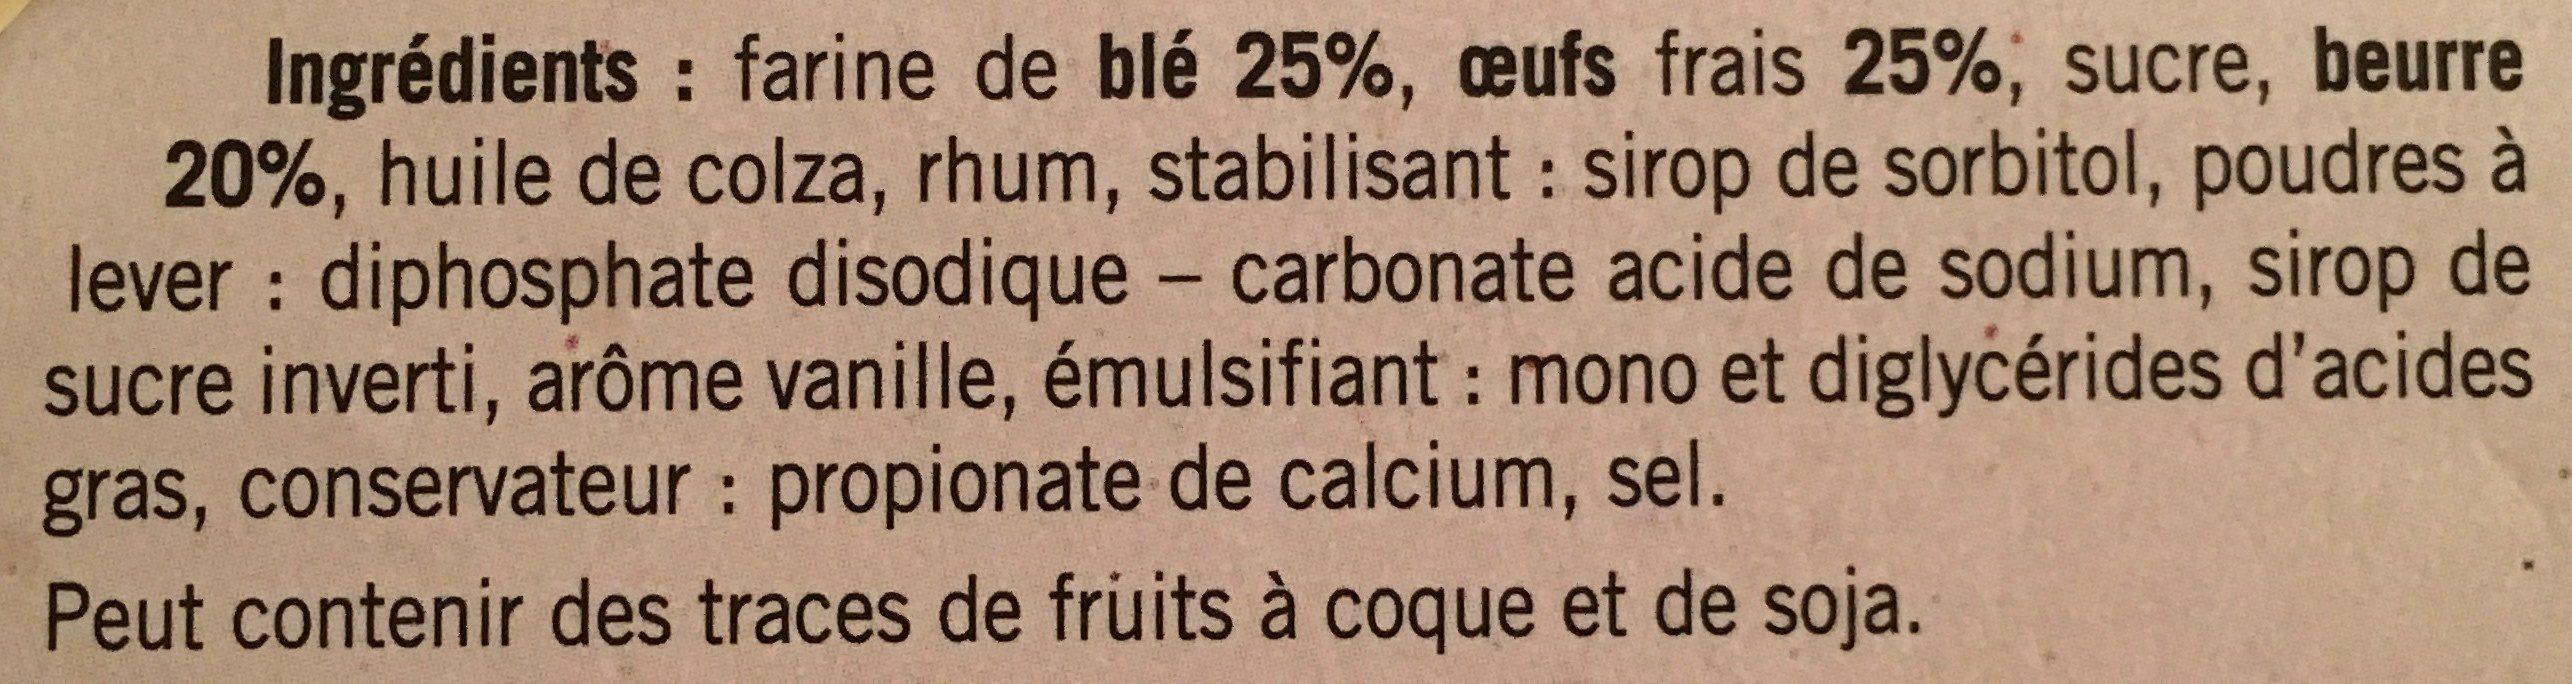 Tourte des Pyrenees Vedere Pur beurre - Ingrédients - fr